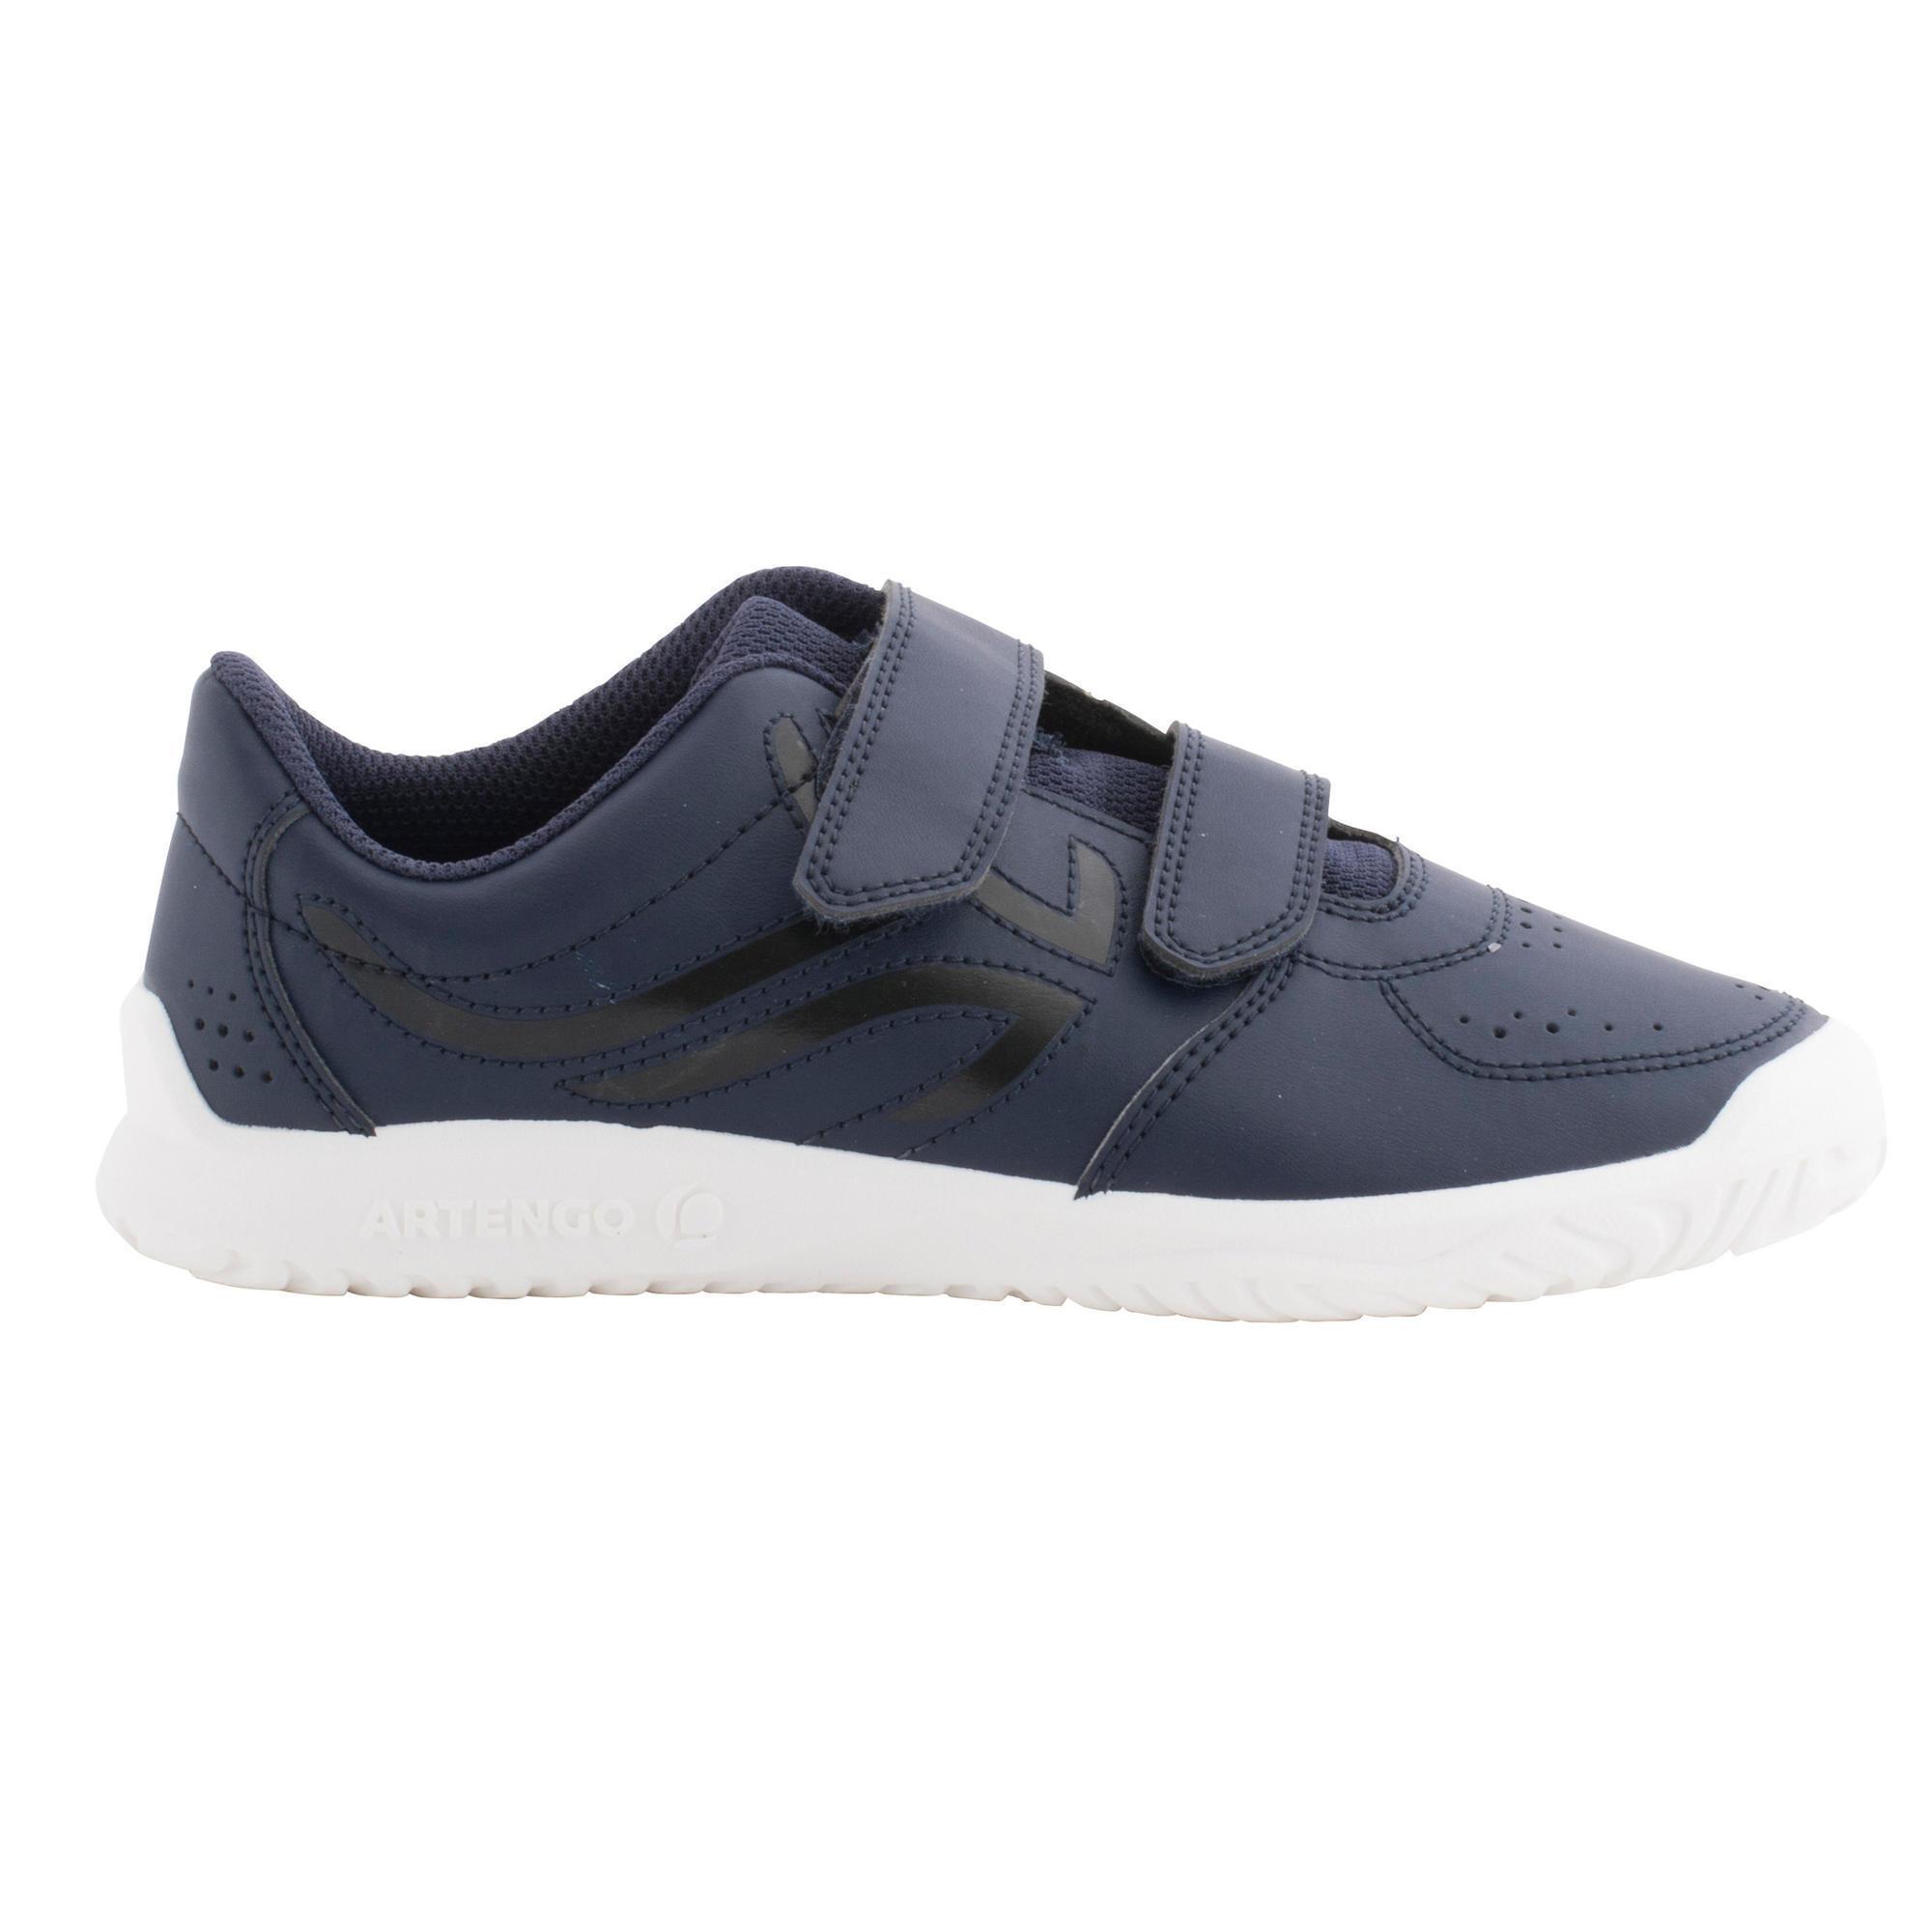 Chaussures enfant enfant ts100 grip bleu artengo artengo